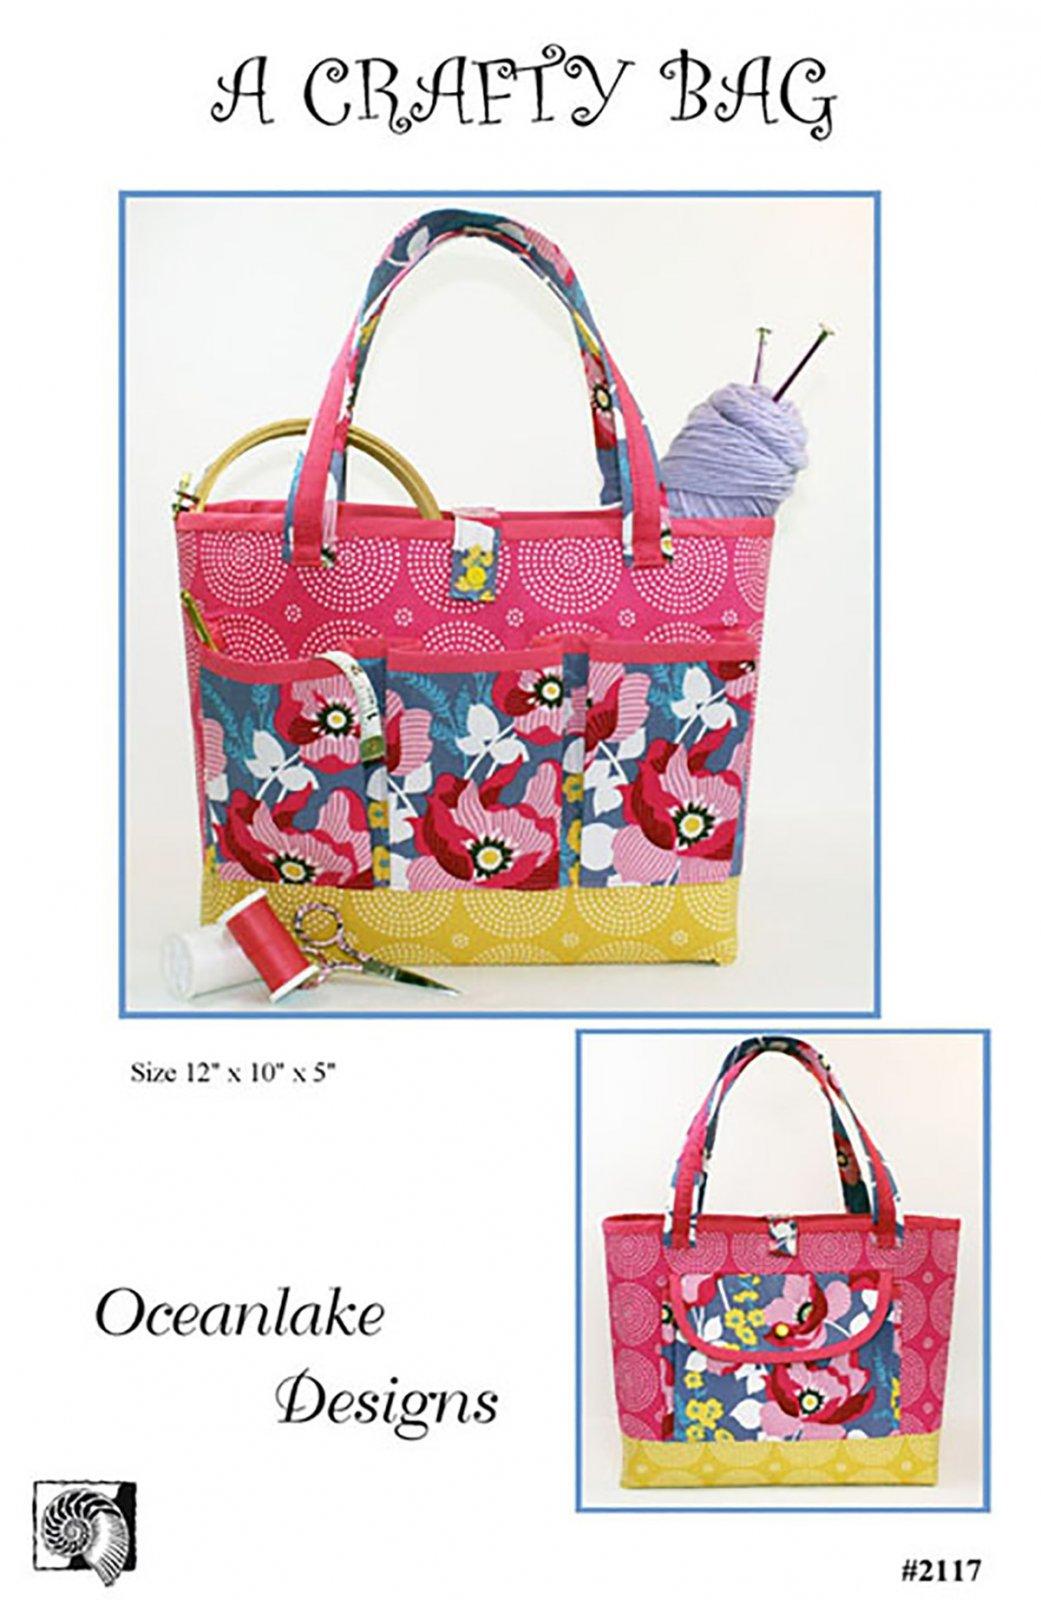 A Crafty Bag